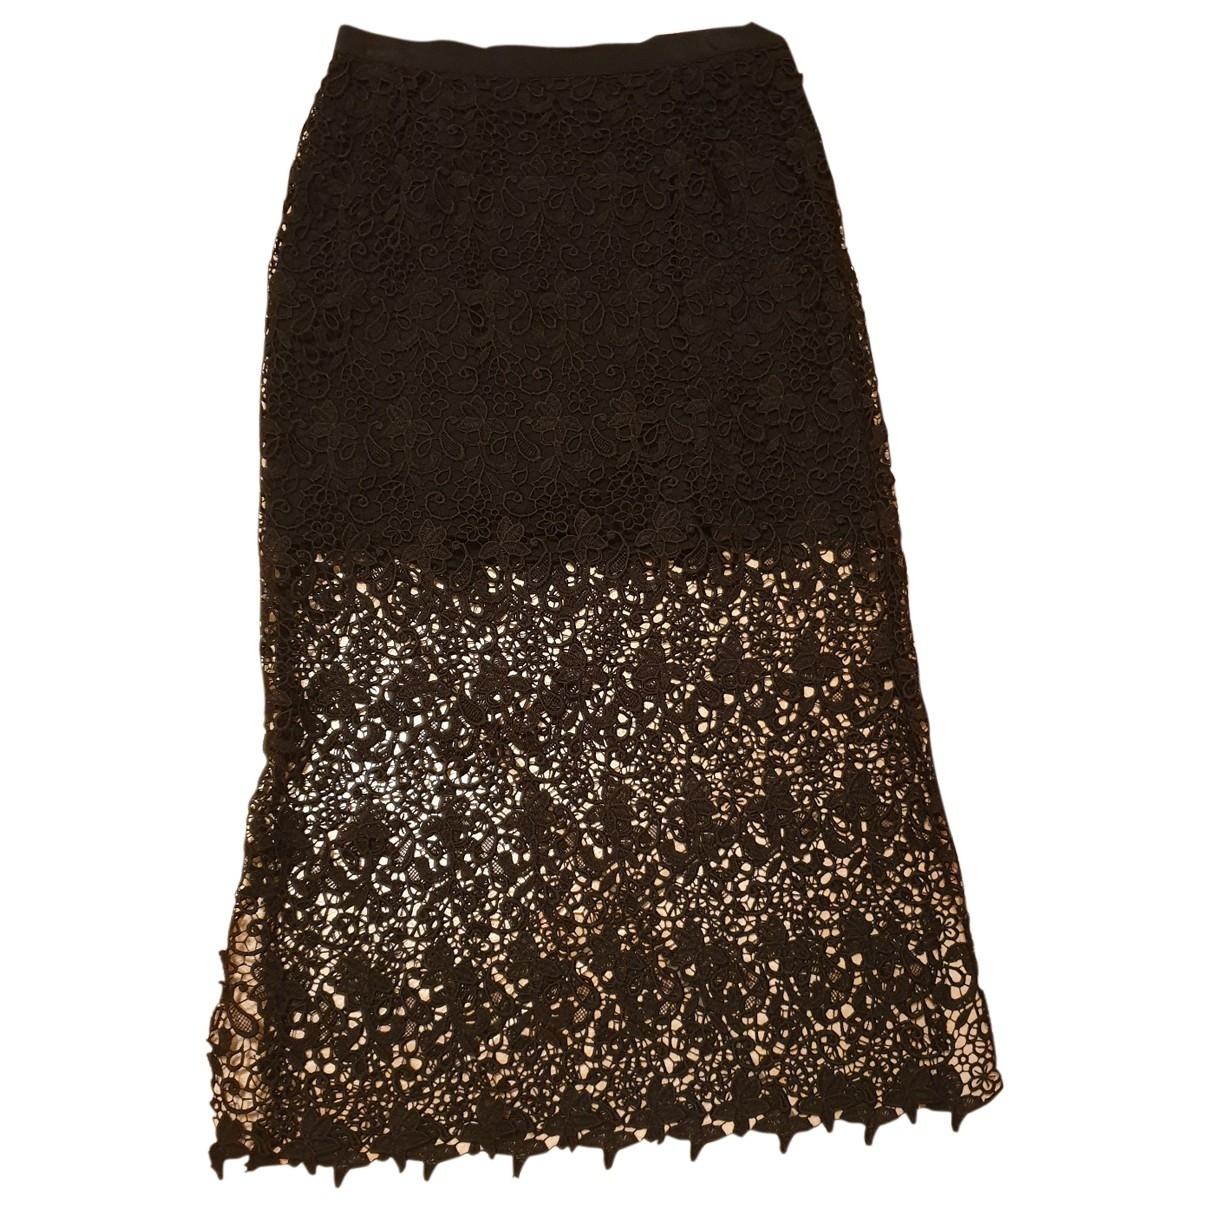 Ermanno Scervino \N Black Cotton - elasthane skirt for Women 42 IT